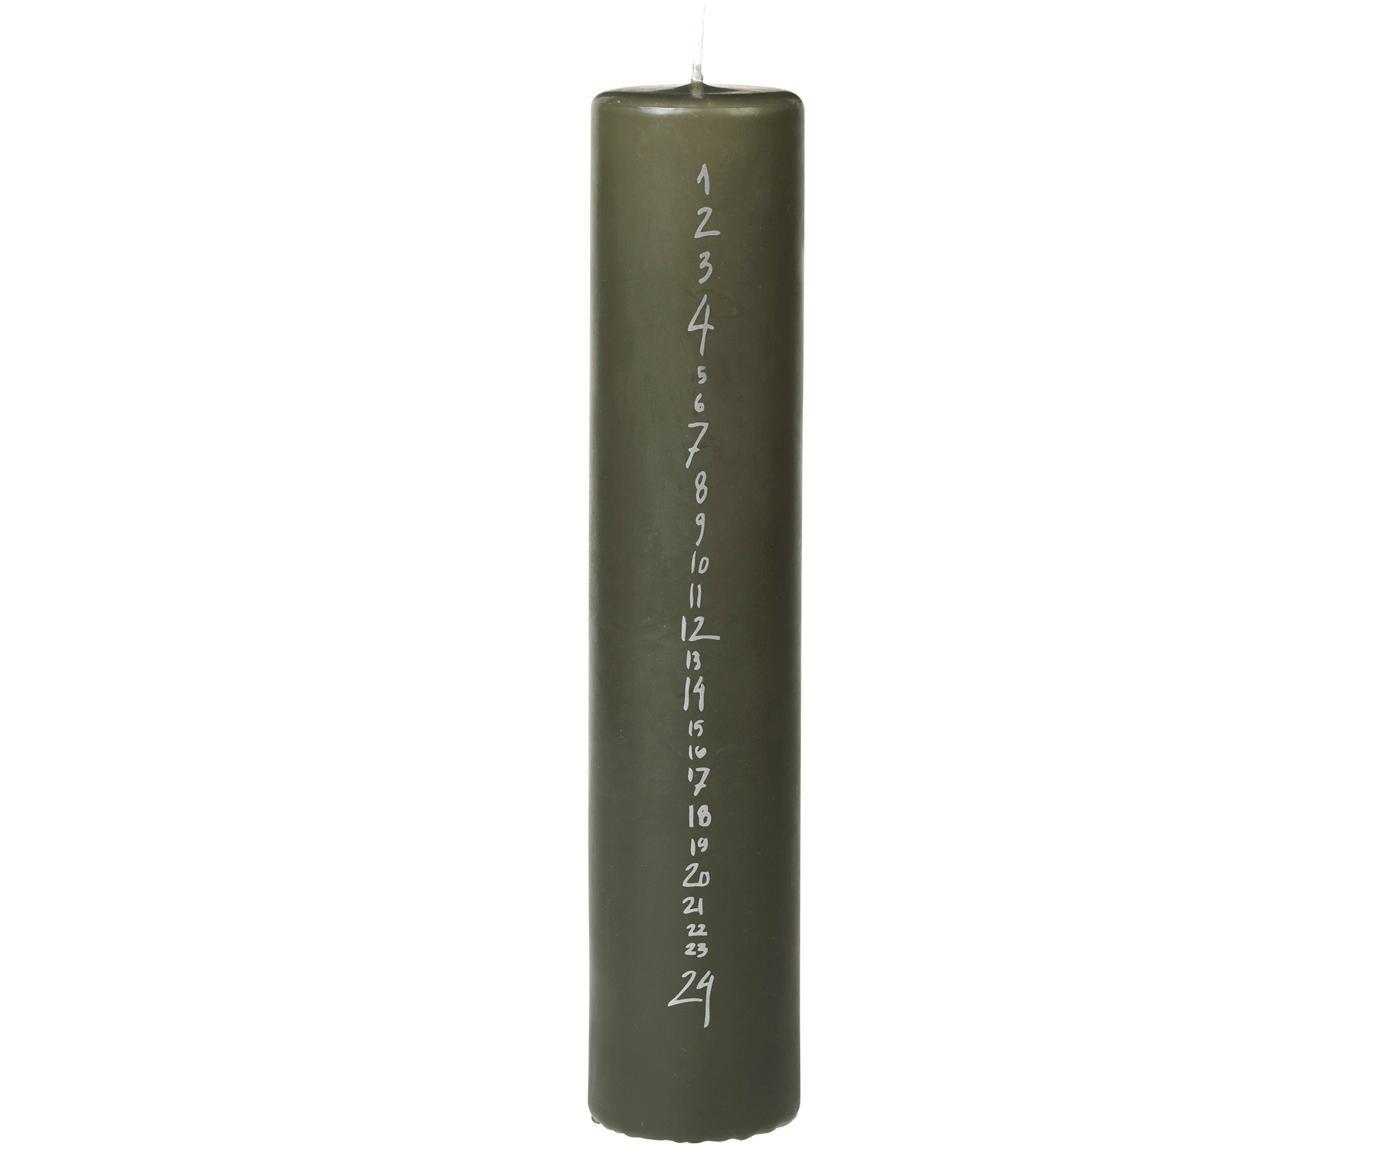 Adventskalenderkerze Leaf, Paraffinwachs, Dunkelgrün, Silberfarben, Ø 5 x H 25 cm